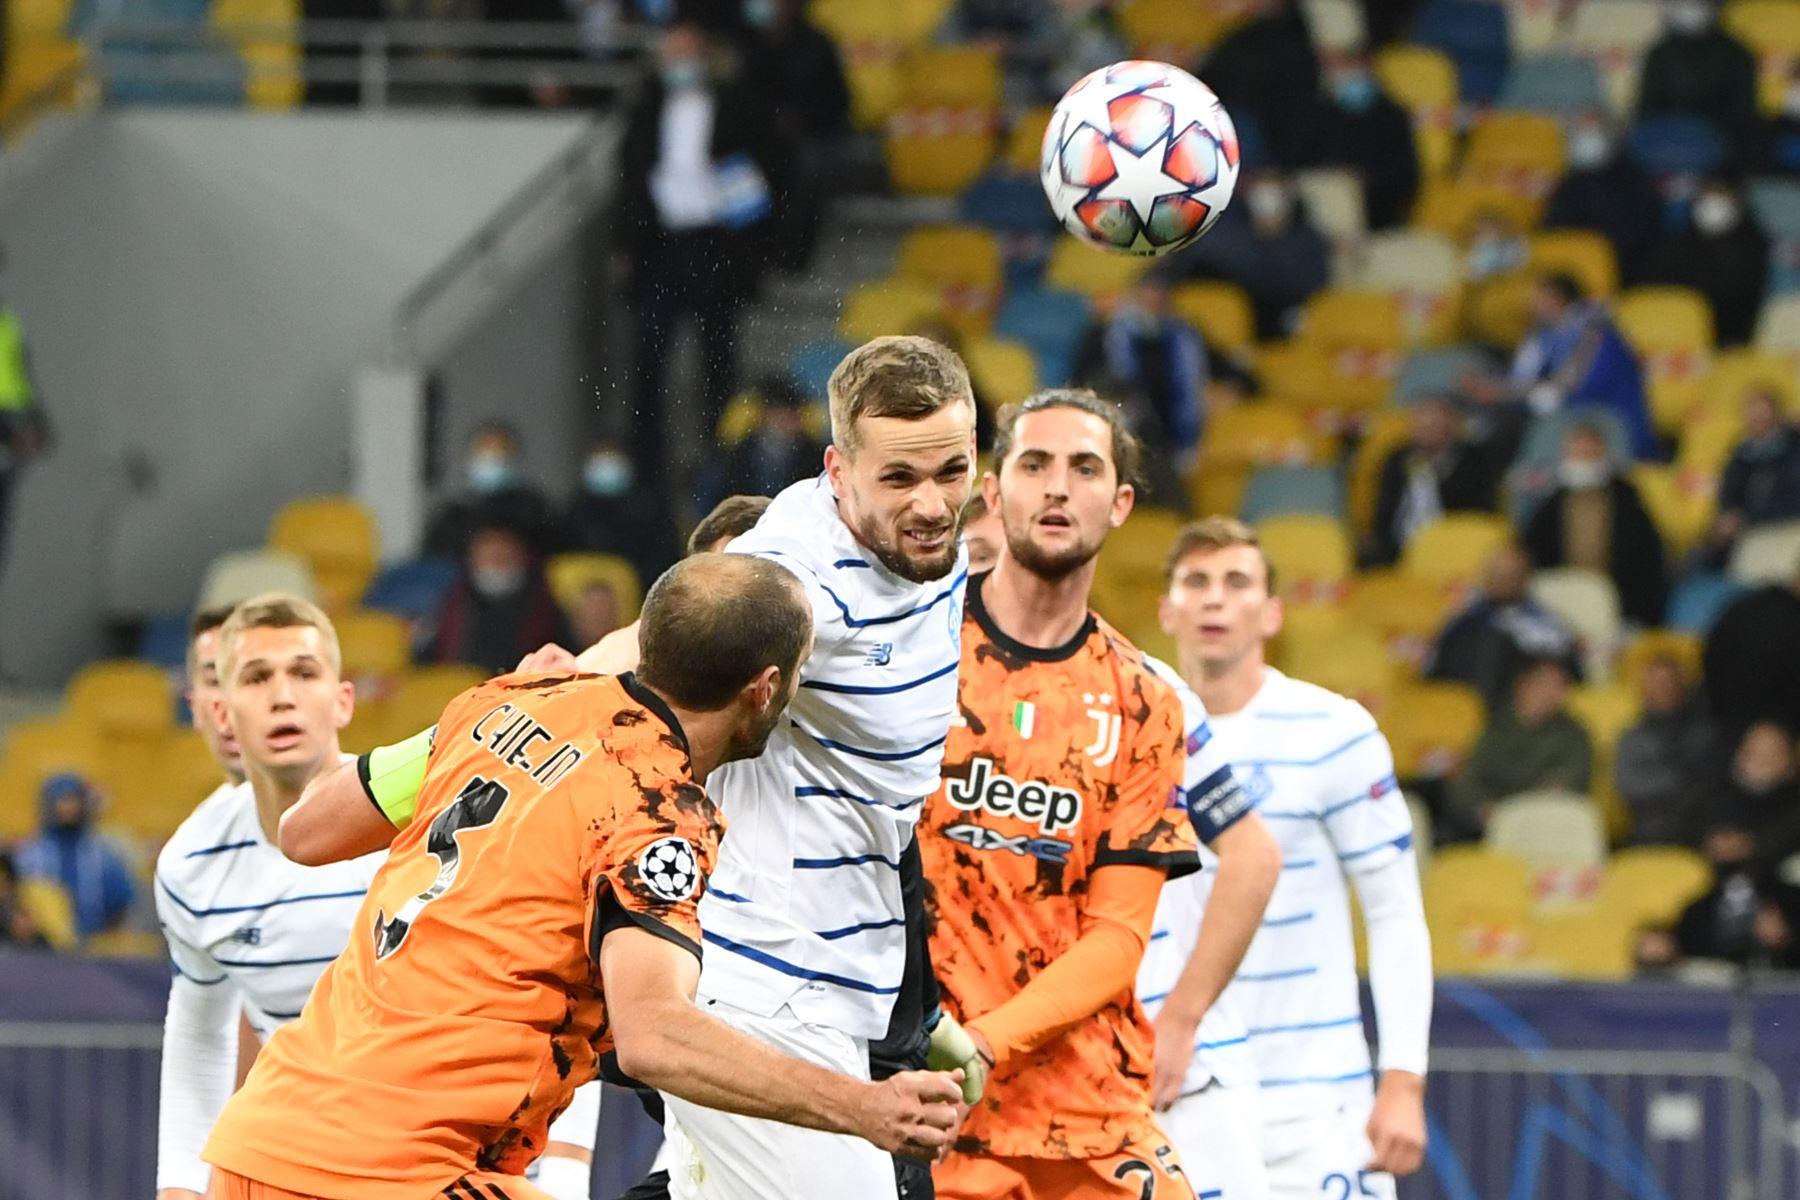 El defensor italiano de la Juventus Giorgio Chiellini y el defensor polaco del Dynamo Kiev, Tomasz Kedziora, compiten por el balón durante el partido de fútbol del grupo G de la Liga de Campeones de la UEFA. Foto: AFP